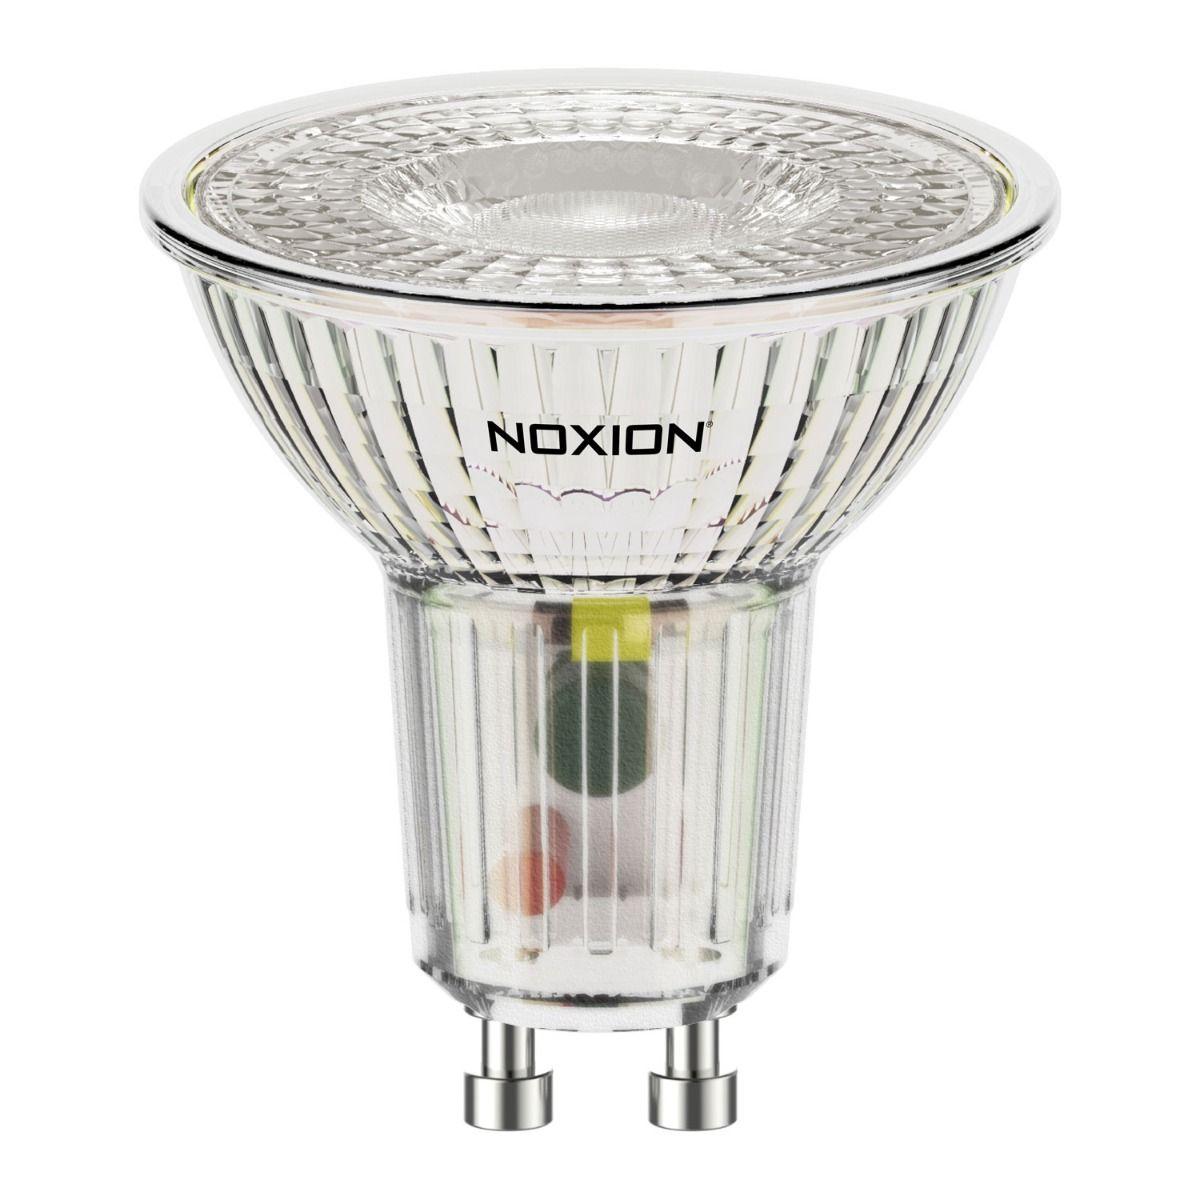 Noxion Foco LED GU10 3.7W 840 36D 270lm   Blanco Frio - Reemplazo 35W